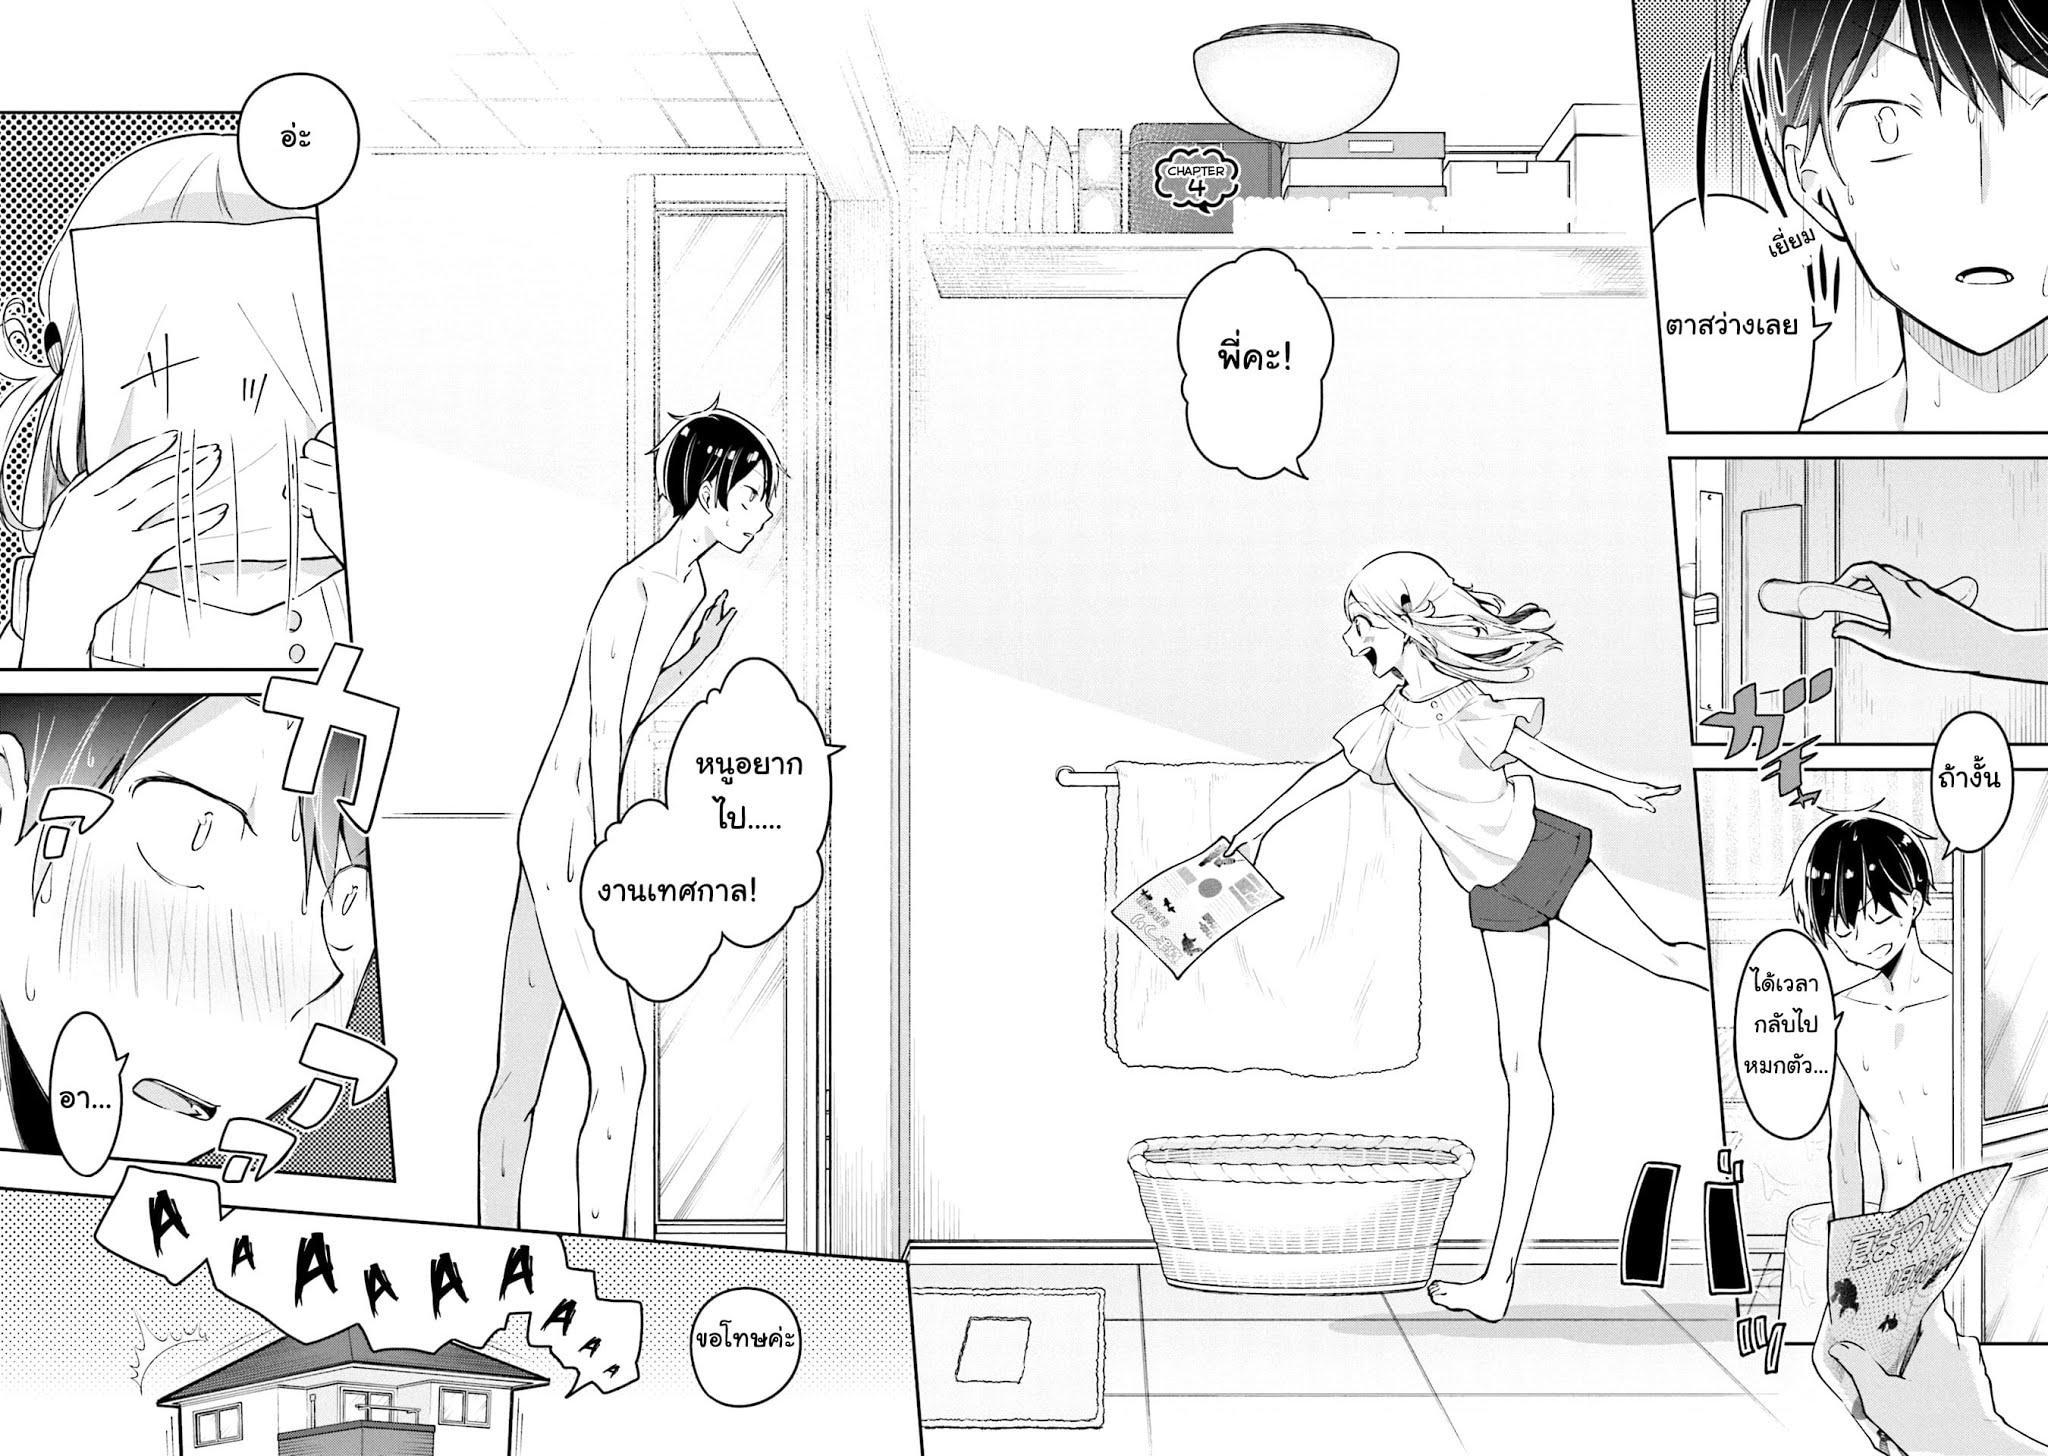 อ่านการ์ตูน Himari no Mawari ตอนที่ 4 หน้าที่ 3